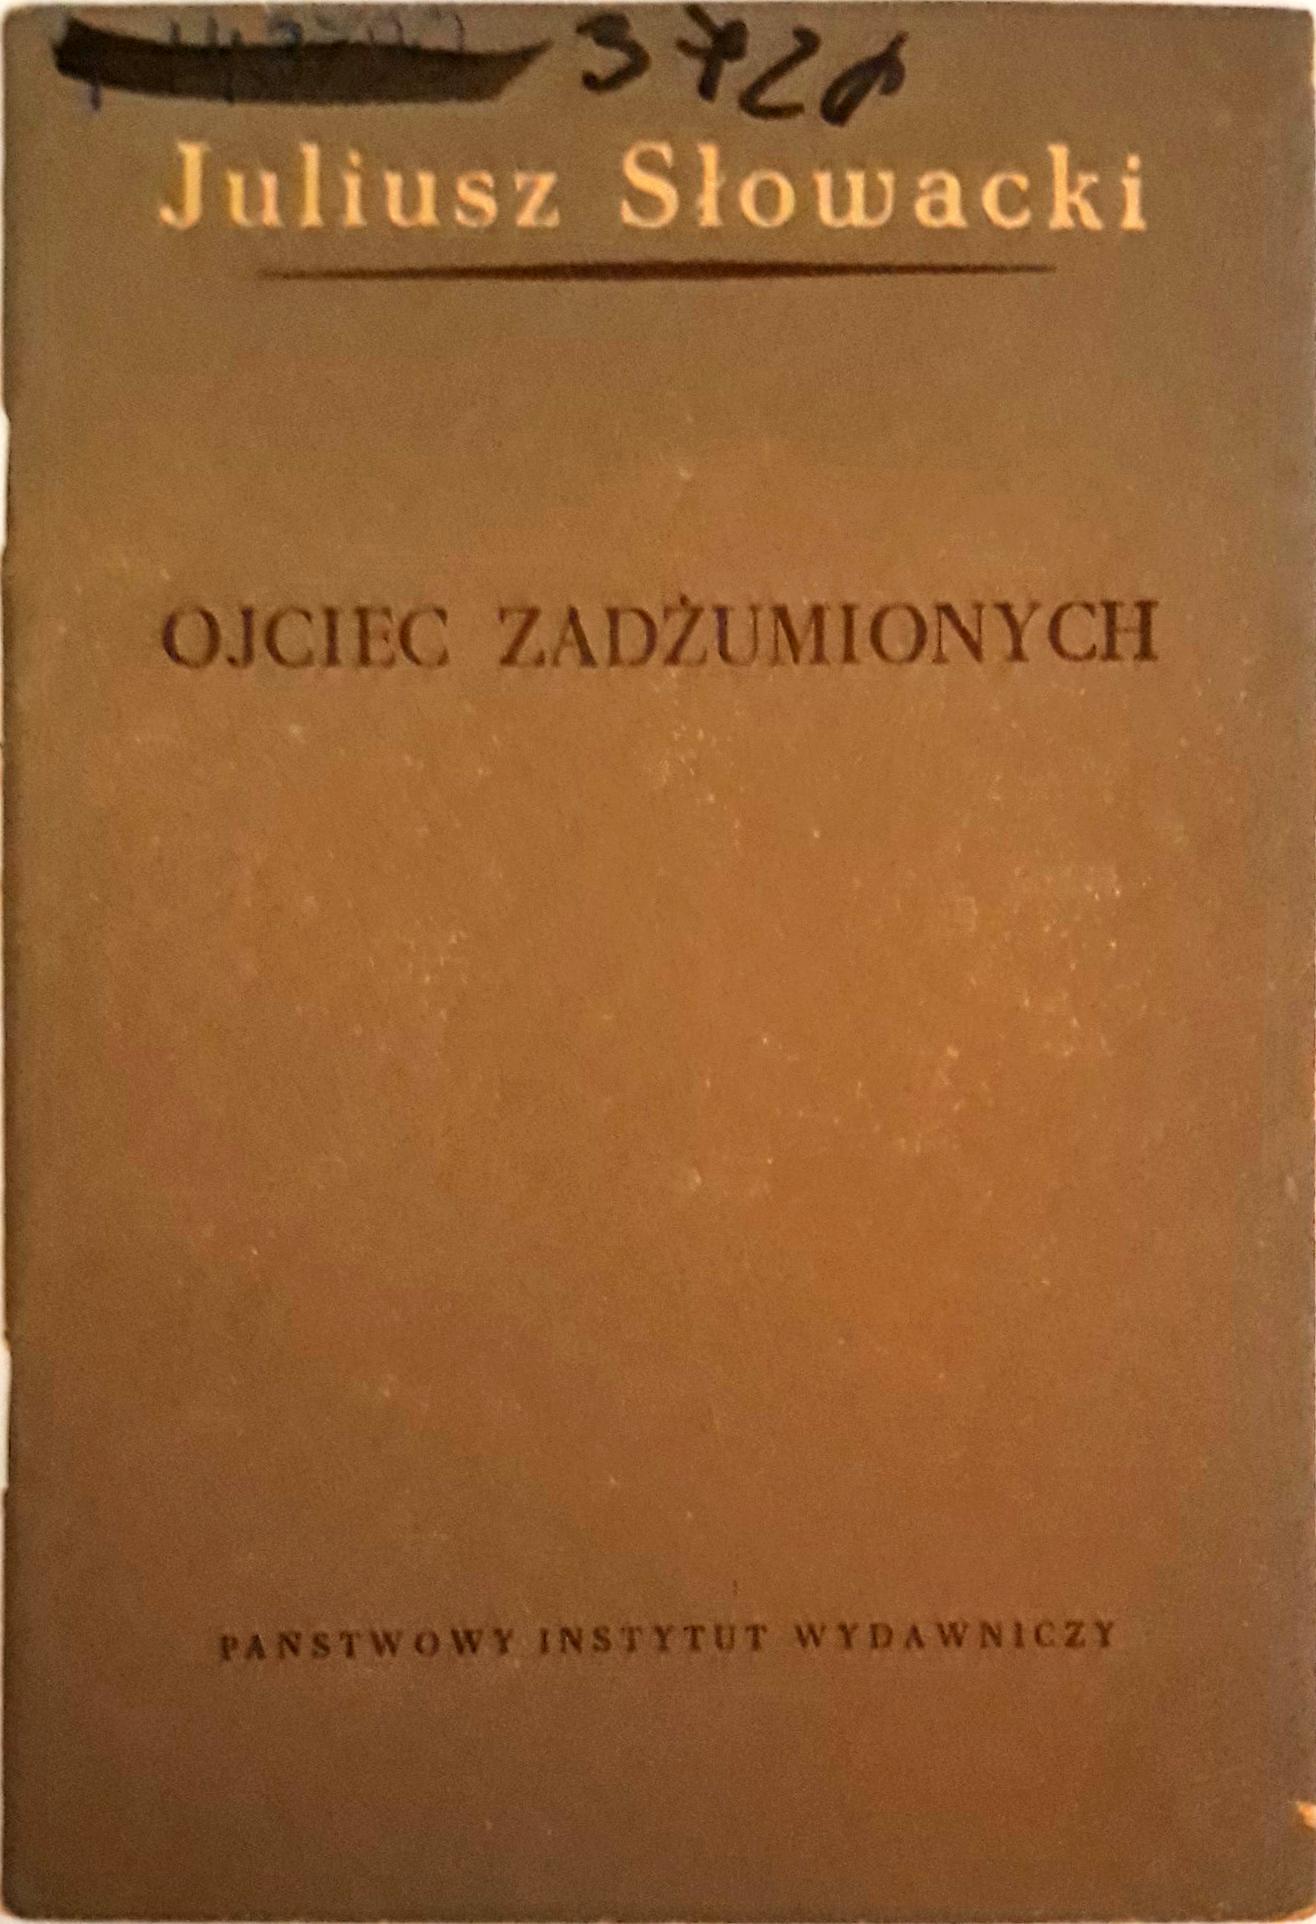 Ojciec Zadżumionych Juliusz Słowacki Piw 7283993747